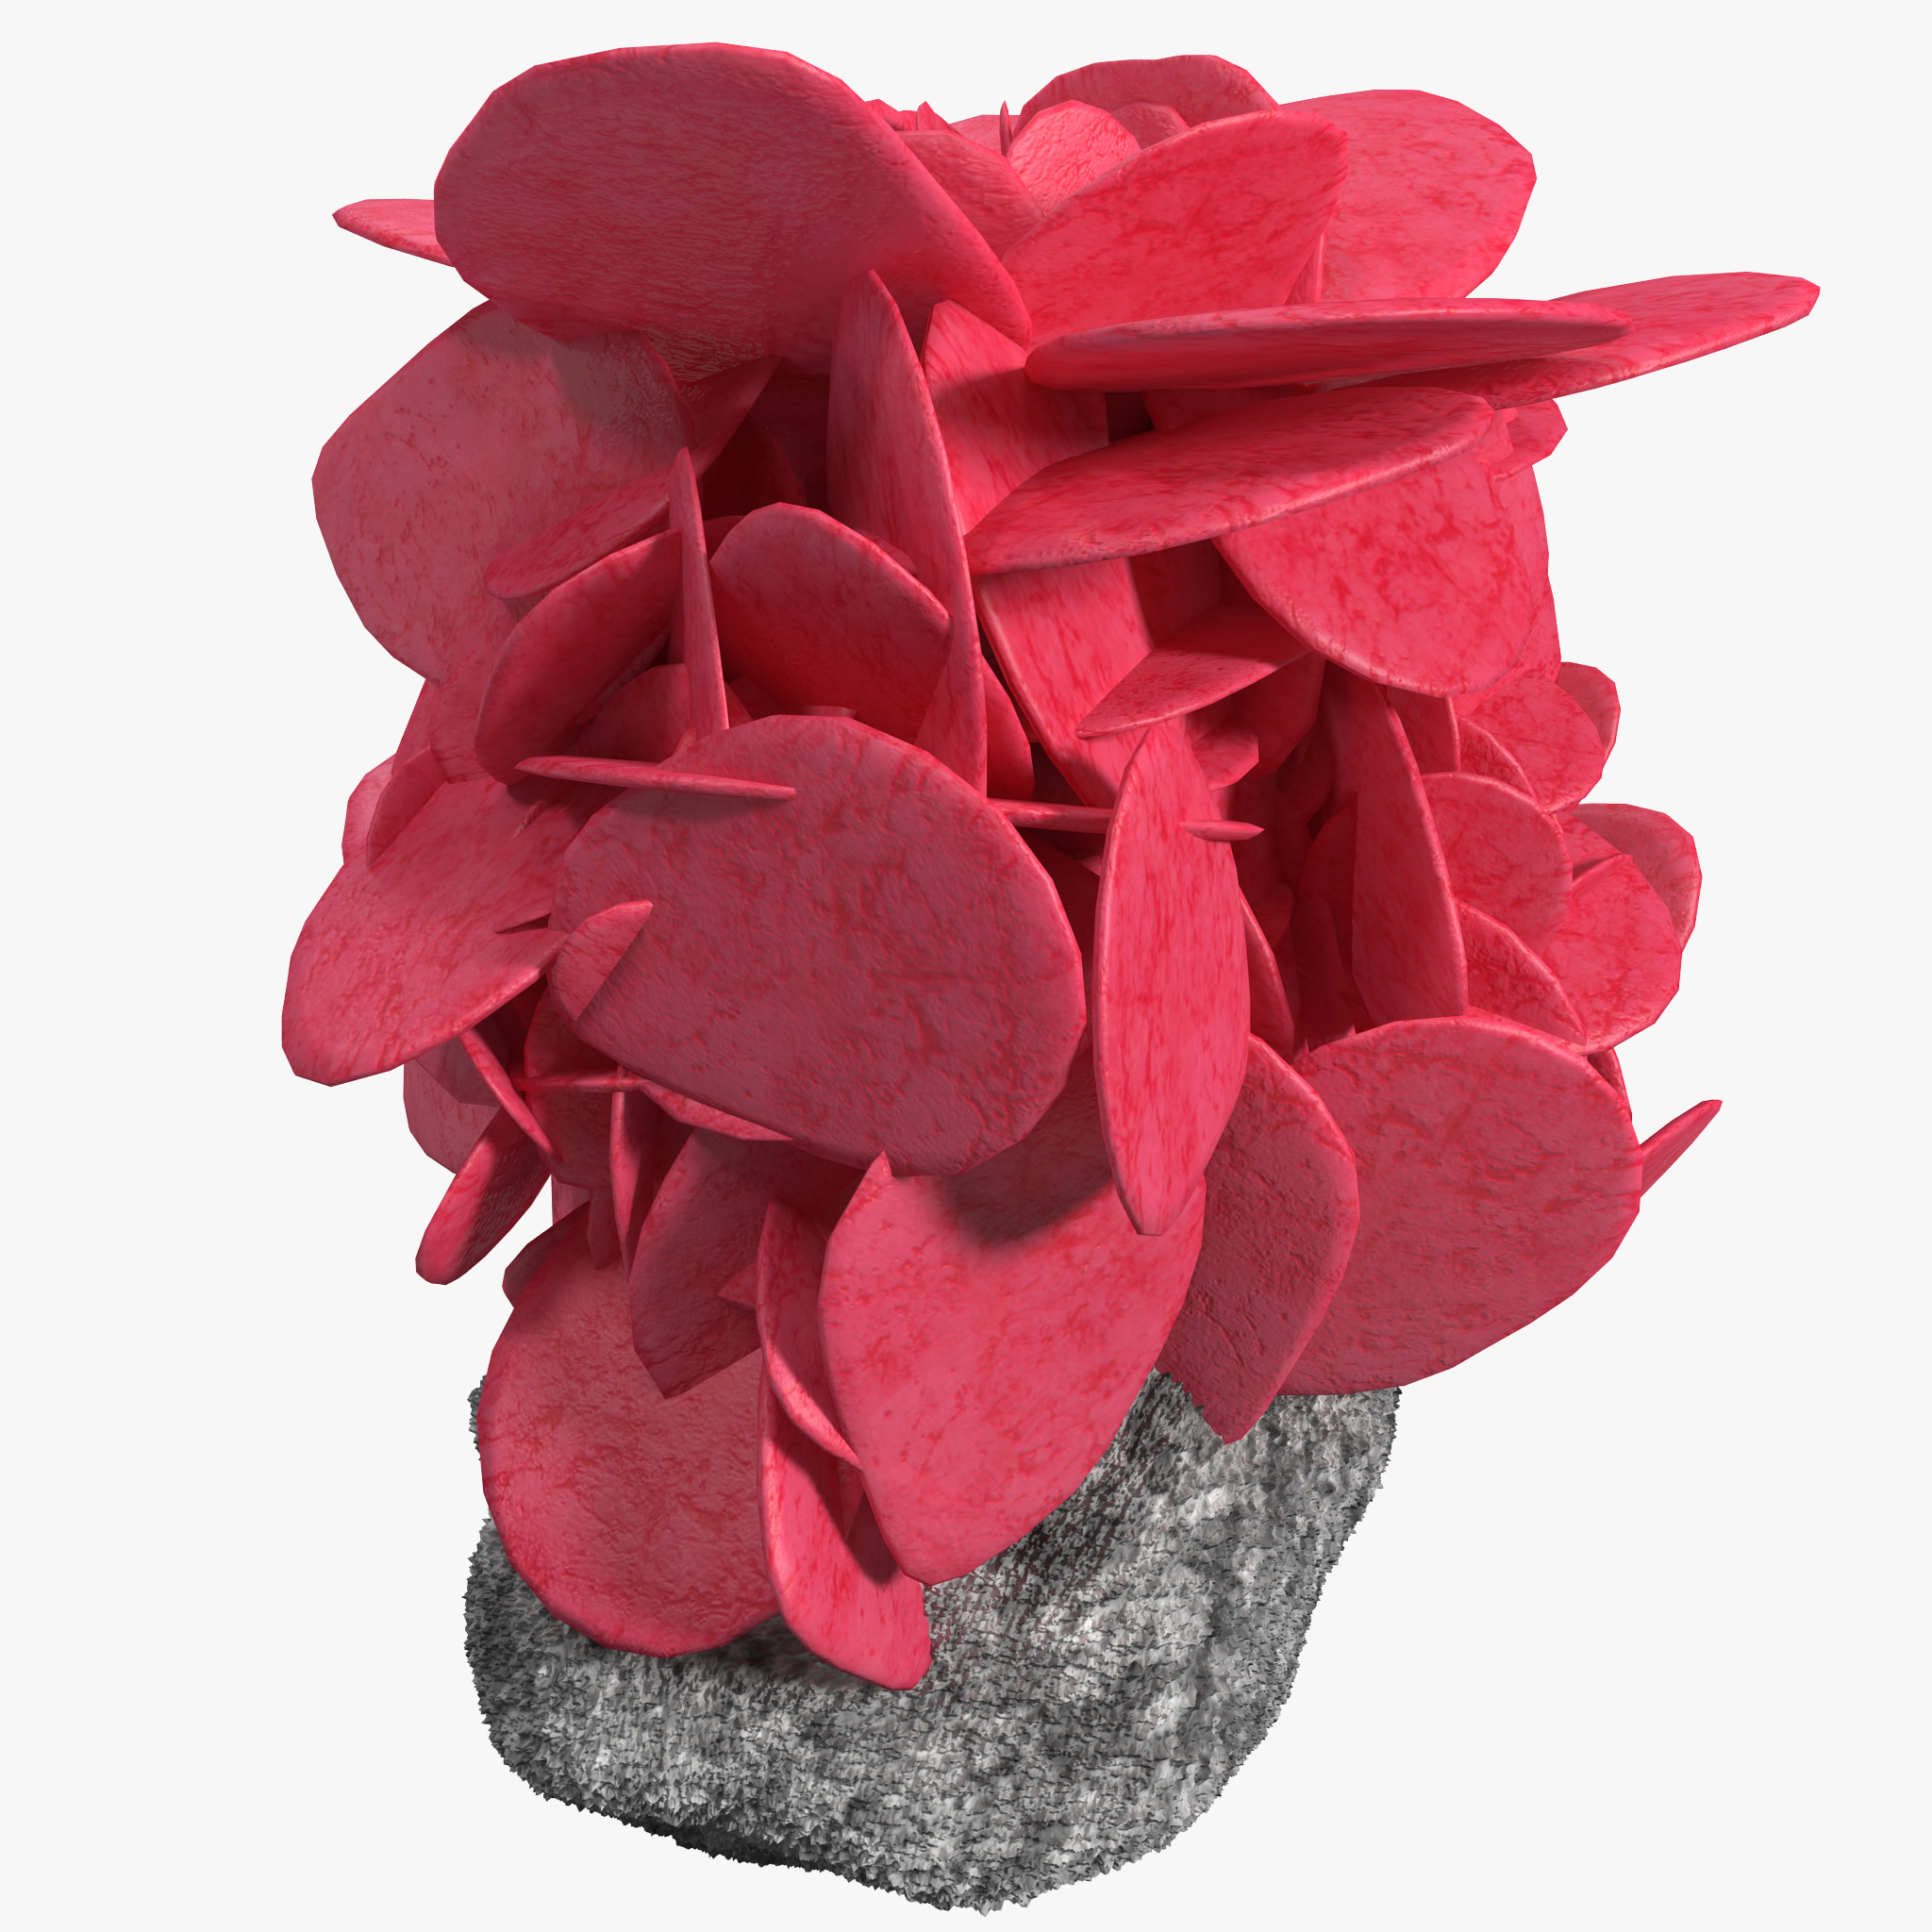 red quartz crystals 3d model